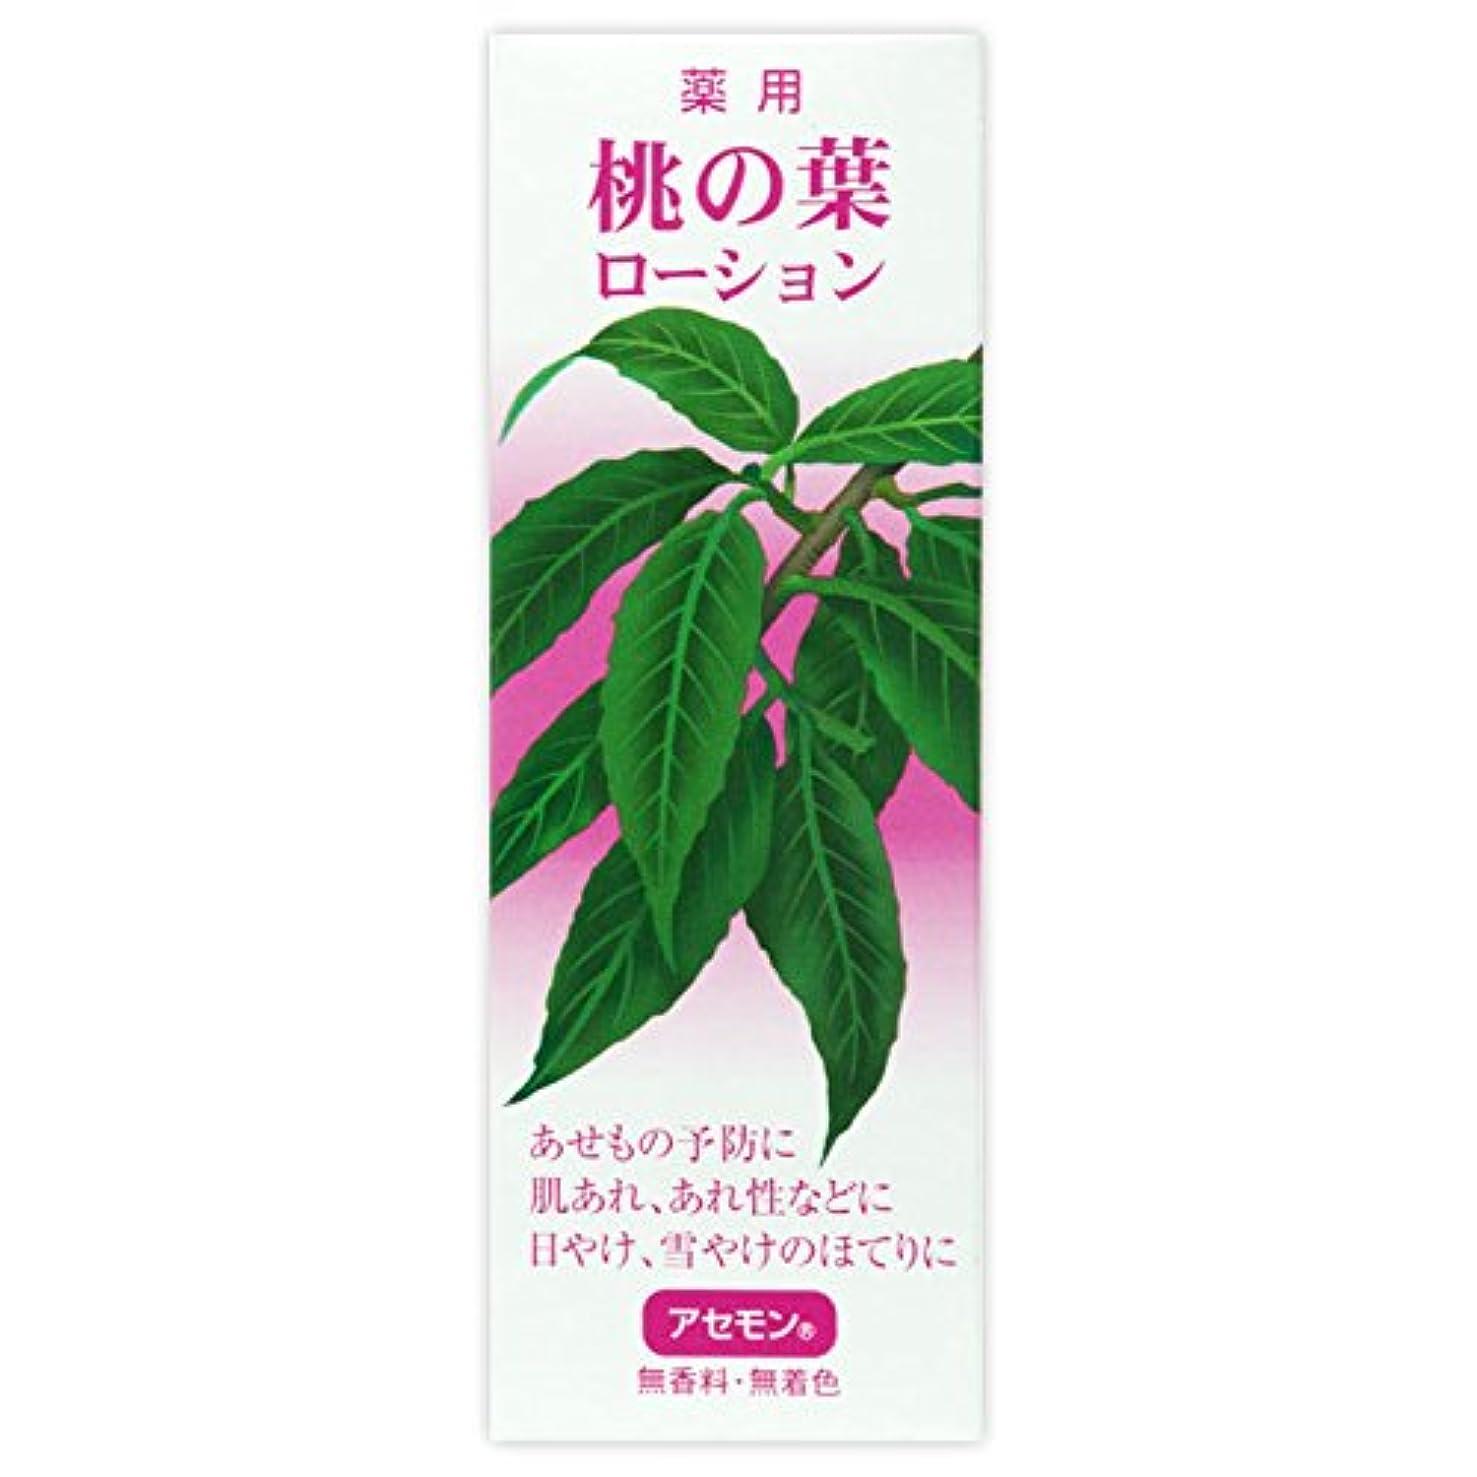 薬用 桃の葉ローション 180ml (医薬部外品)